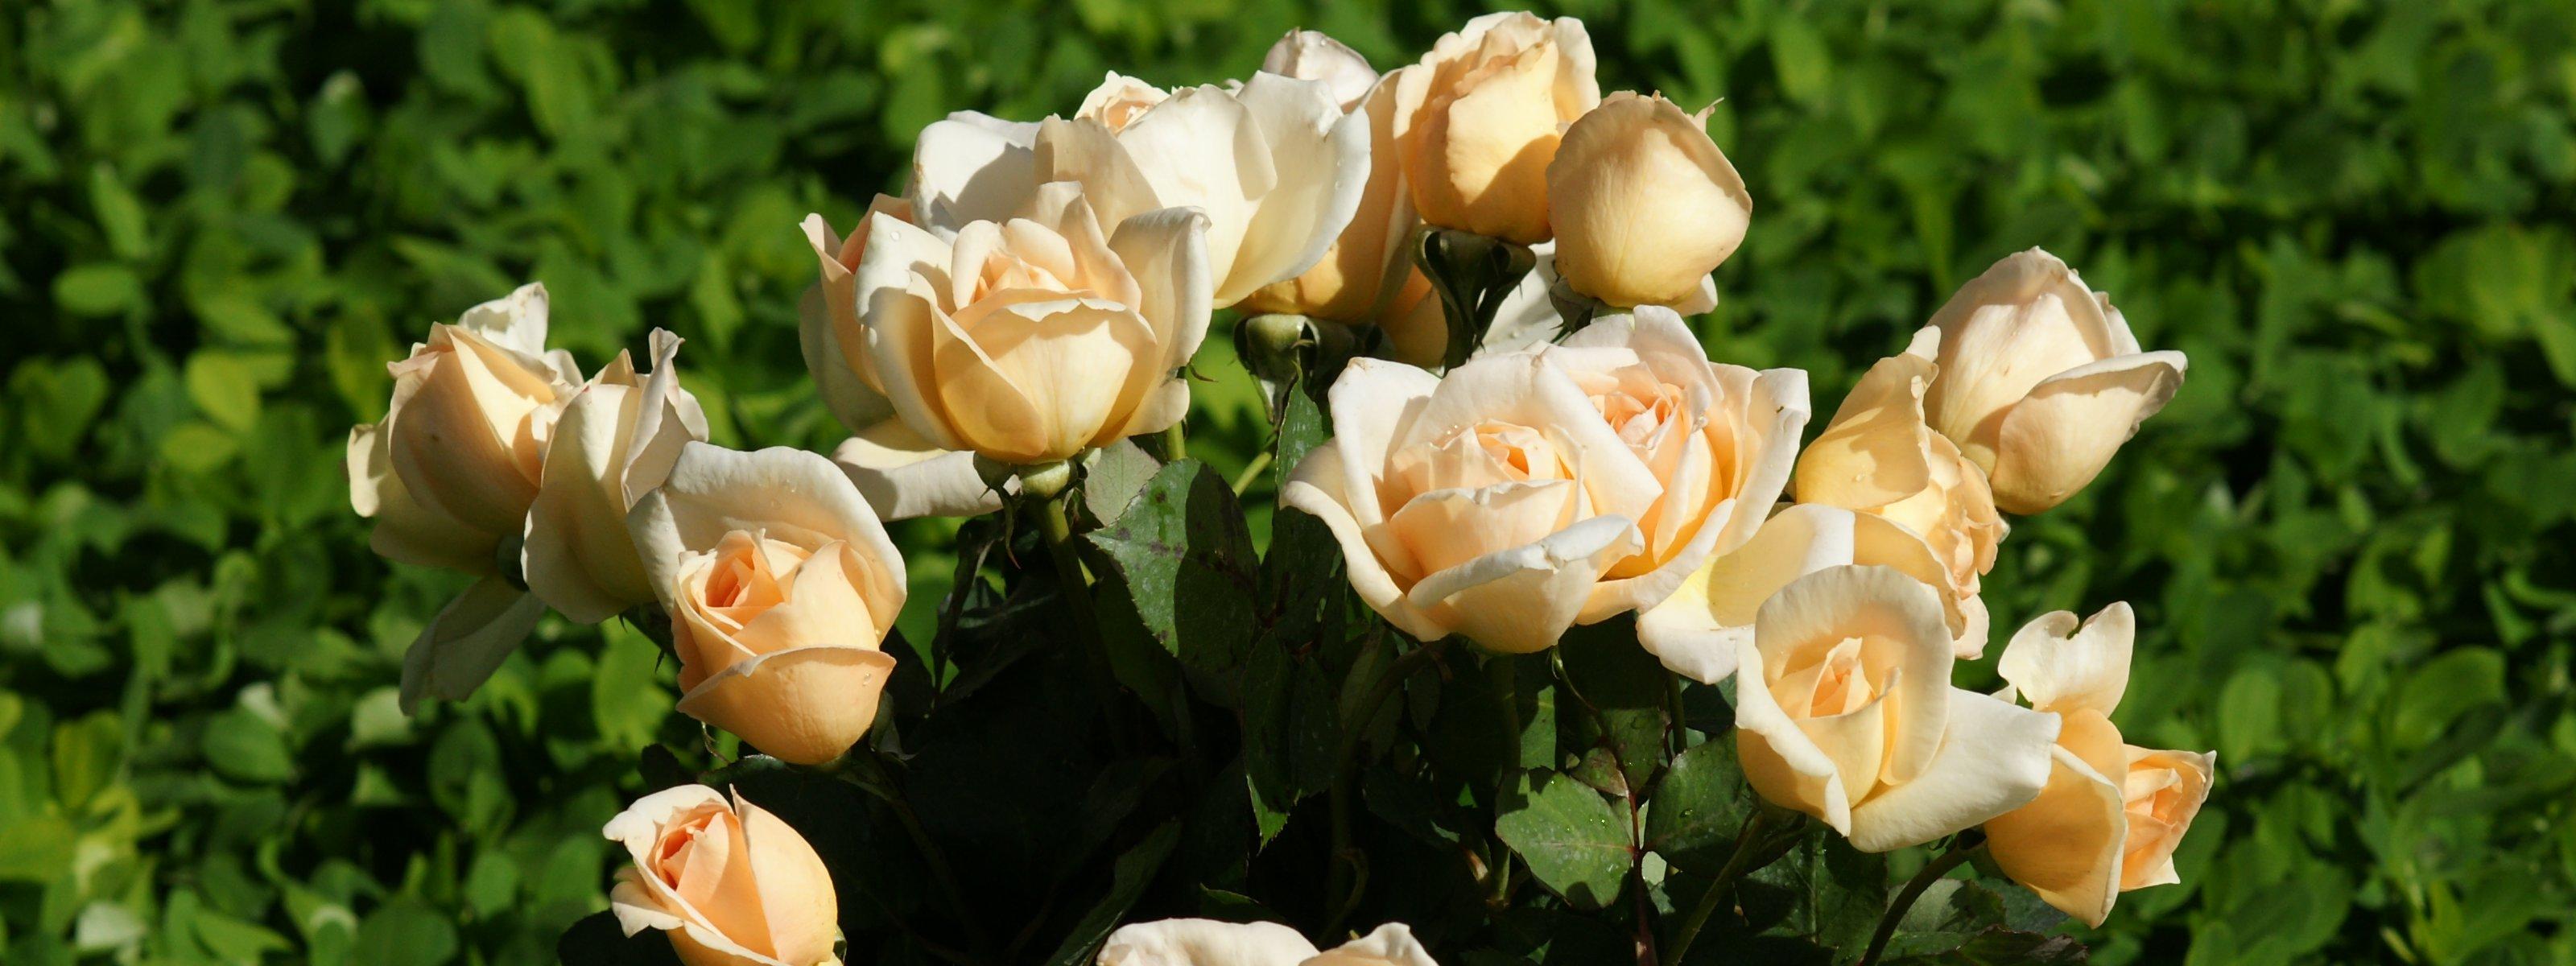 Roses dual monitor wallpapers - Peach rose wallpaper ...